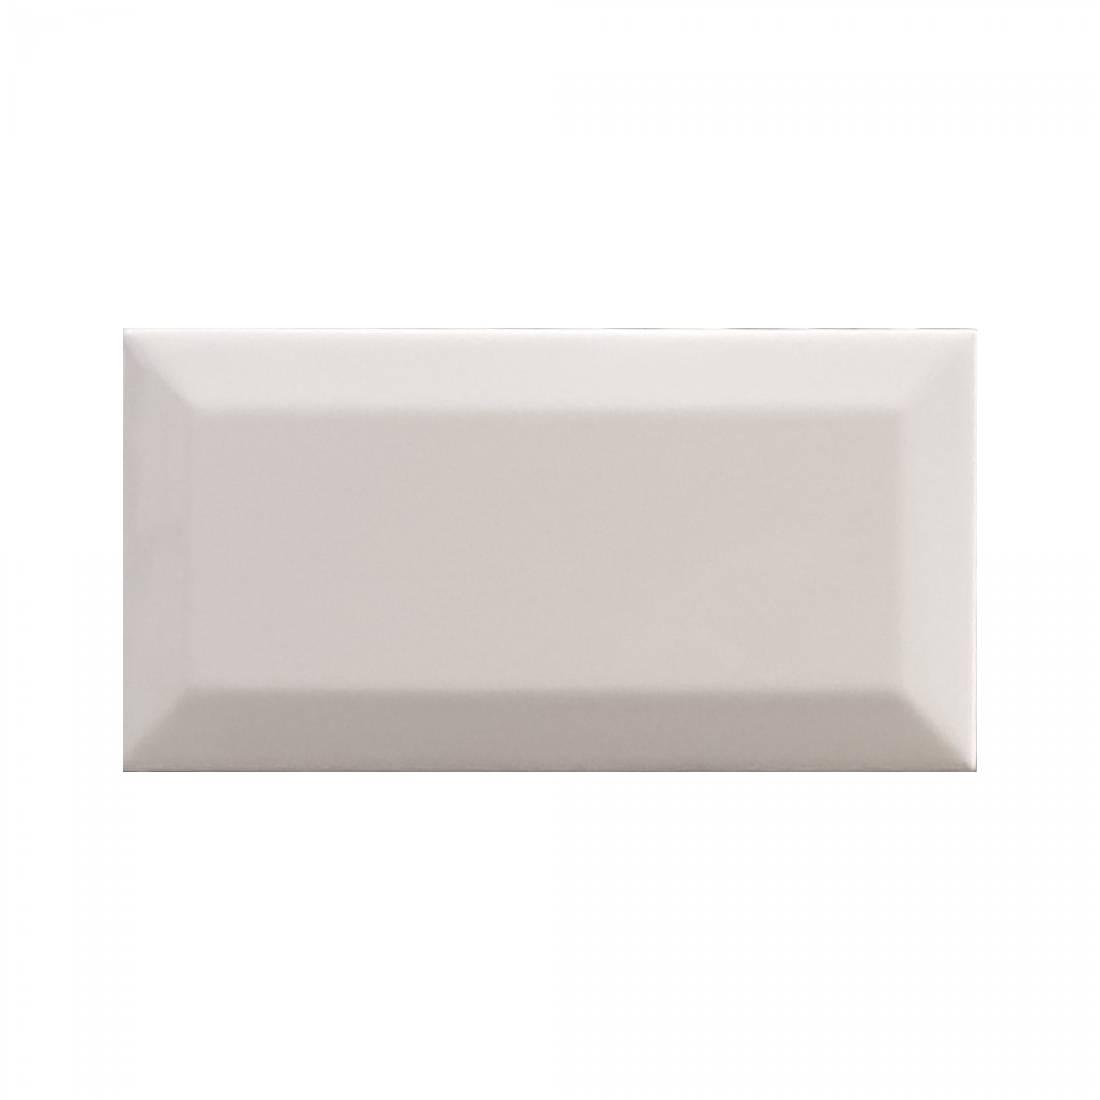 Biselado 7.5x15 White Matt 1